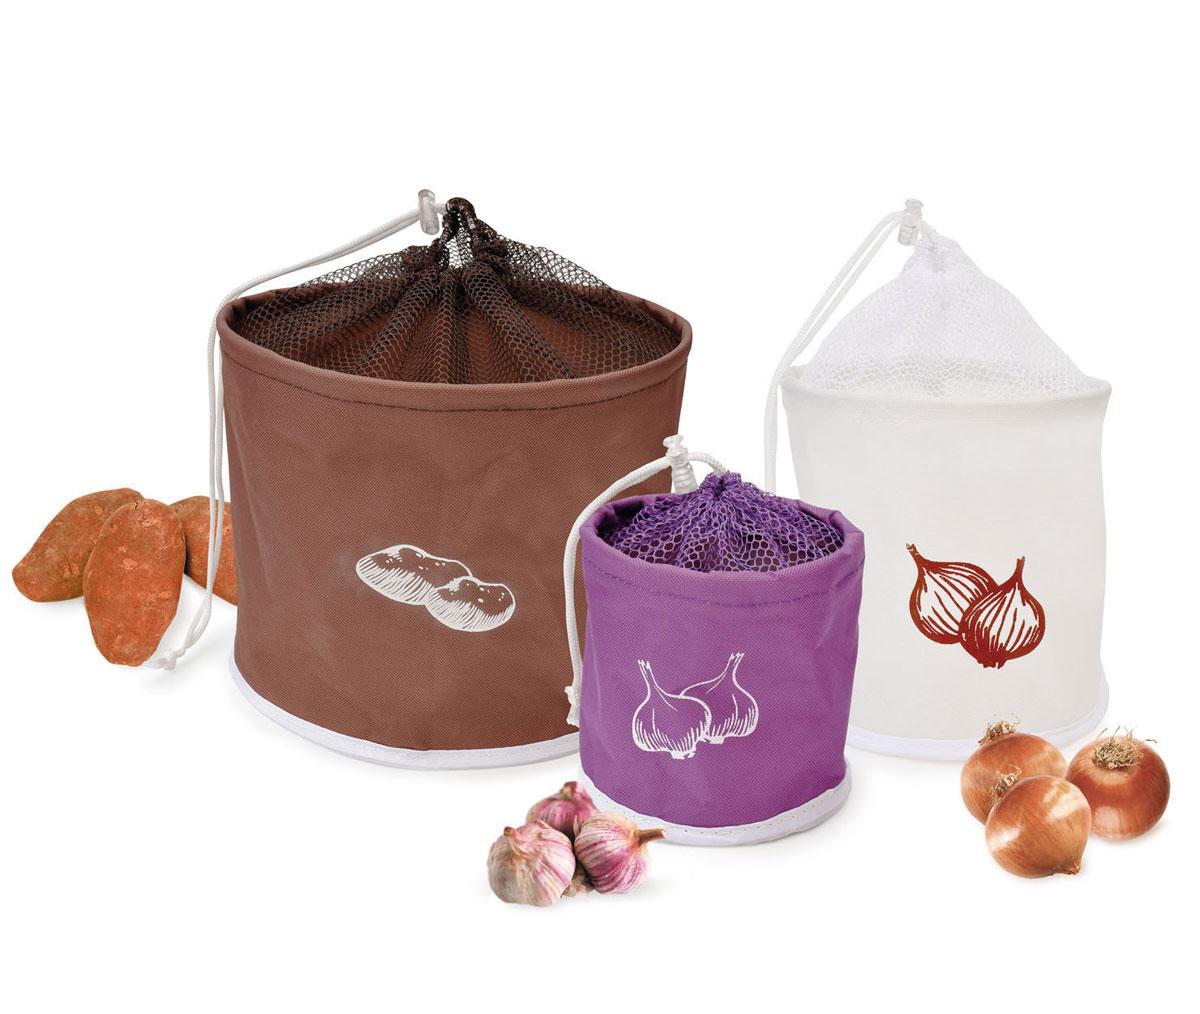 Набор сумок для хранения продуктов Iris, 3 шт9504-3TНабор Iris состоит из трех сумок разного размера и цвета, предназначенных для хранения картофеля, лука и чеснока. Изделия выполнены из плотного полиэстера, сверху оснащены сеткой на кулиске. Благодаря сетке происходит естественная вентиляция продуктов, что предотвращает их гниение. Внутренний слой предотвращает цветение и образование плесени на плодах. Сумки удобны в использовании. Оригинальные сумки станут незаменимым украшением интерьера на кухне у хорошей хозяйки. Диаметр сумок: 12 см, 19 см, 25 см. Высота сумок: 12 см, 18,5 см, 20,5 см.